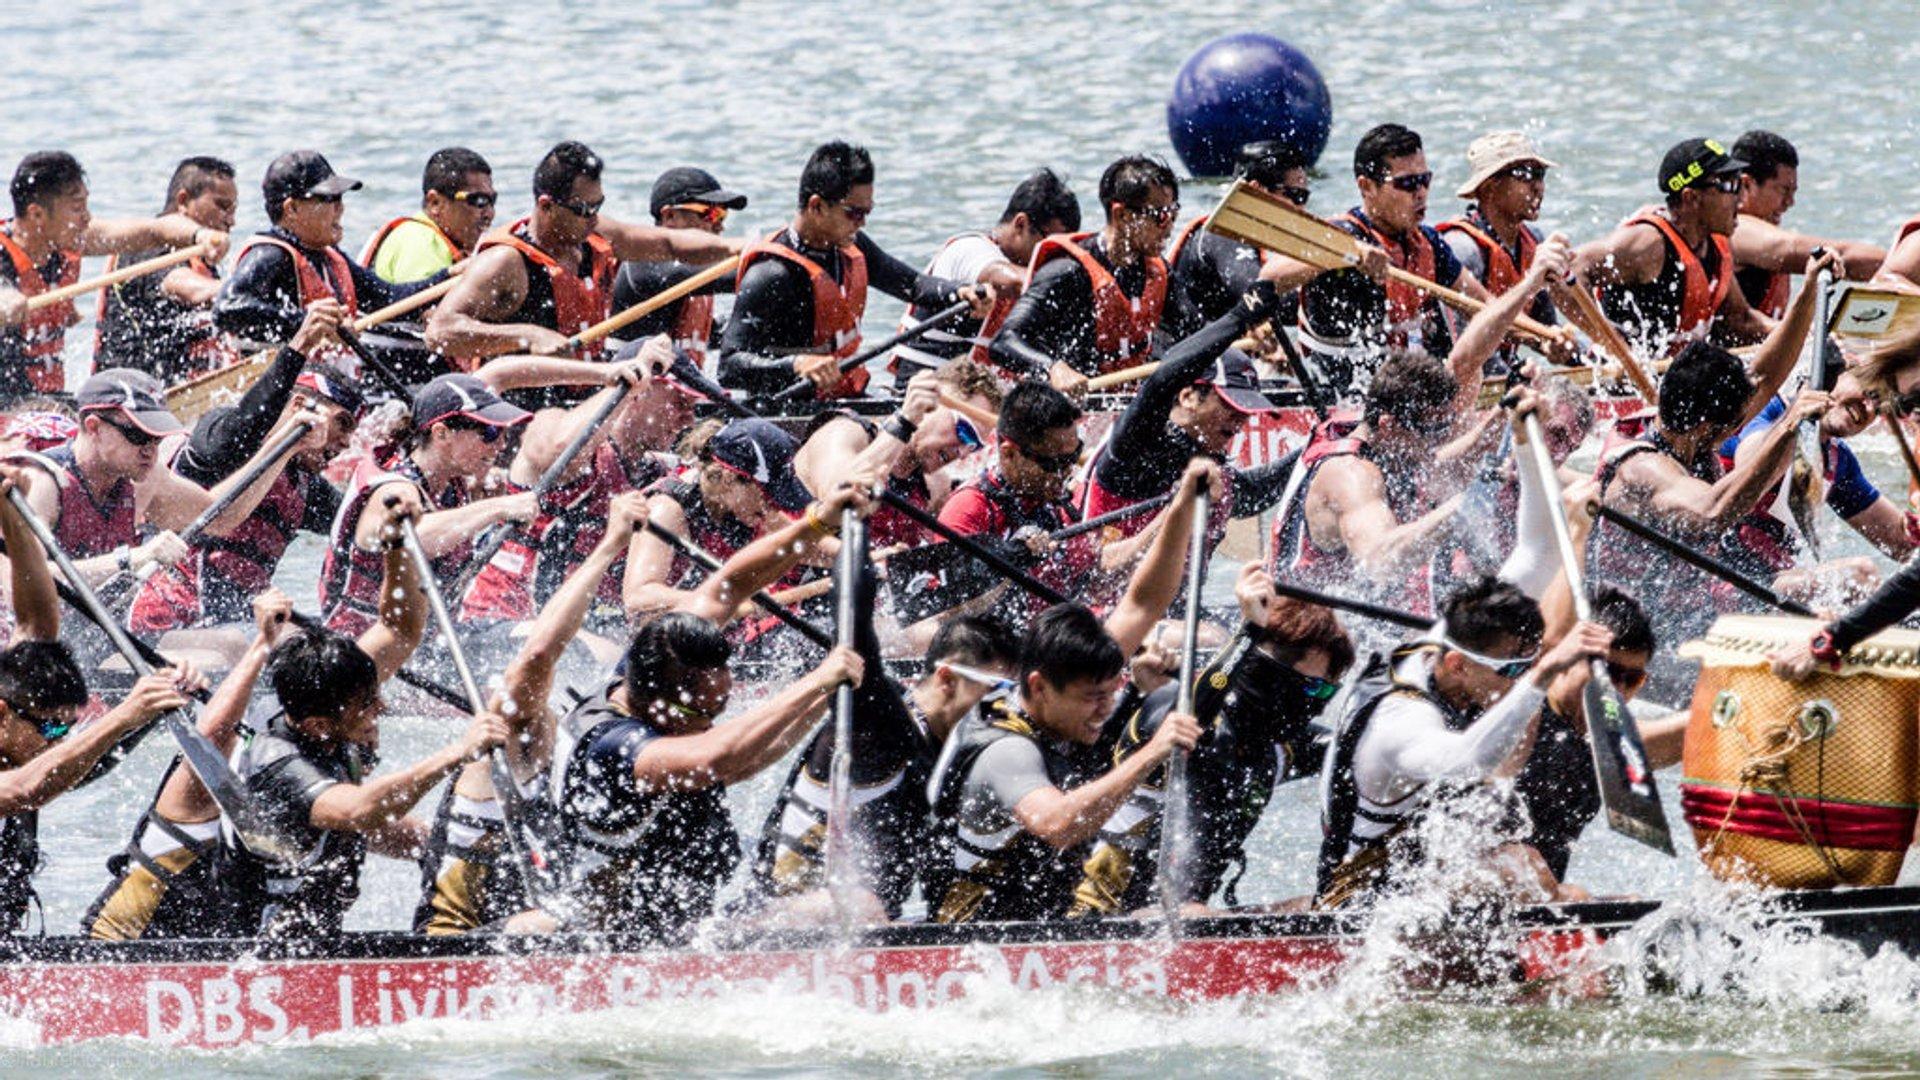 Dragon Boat Festival at Marina Bay 2020